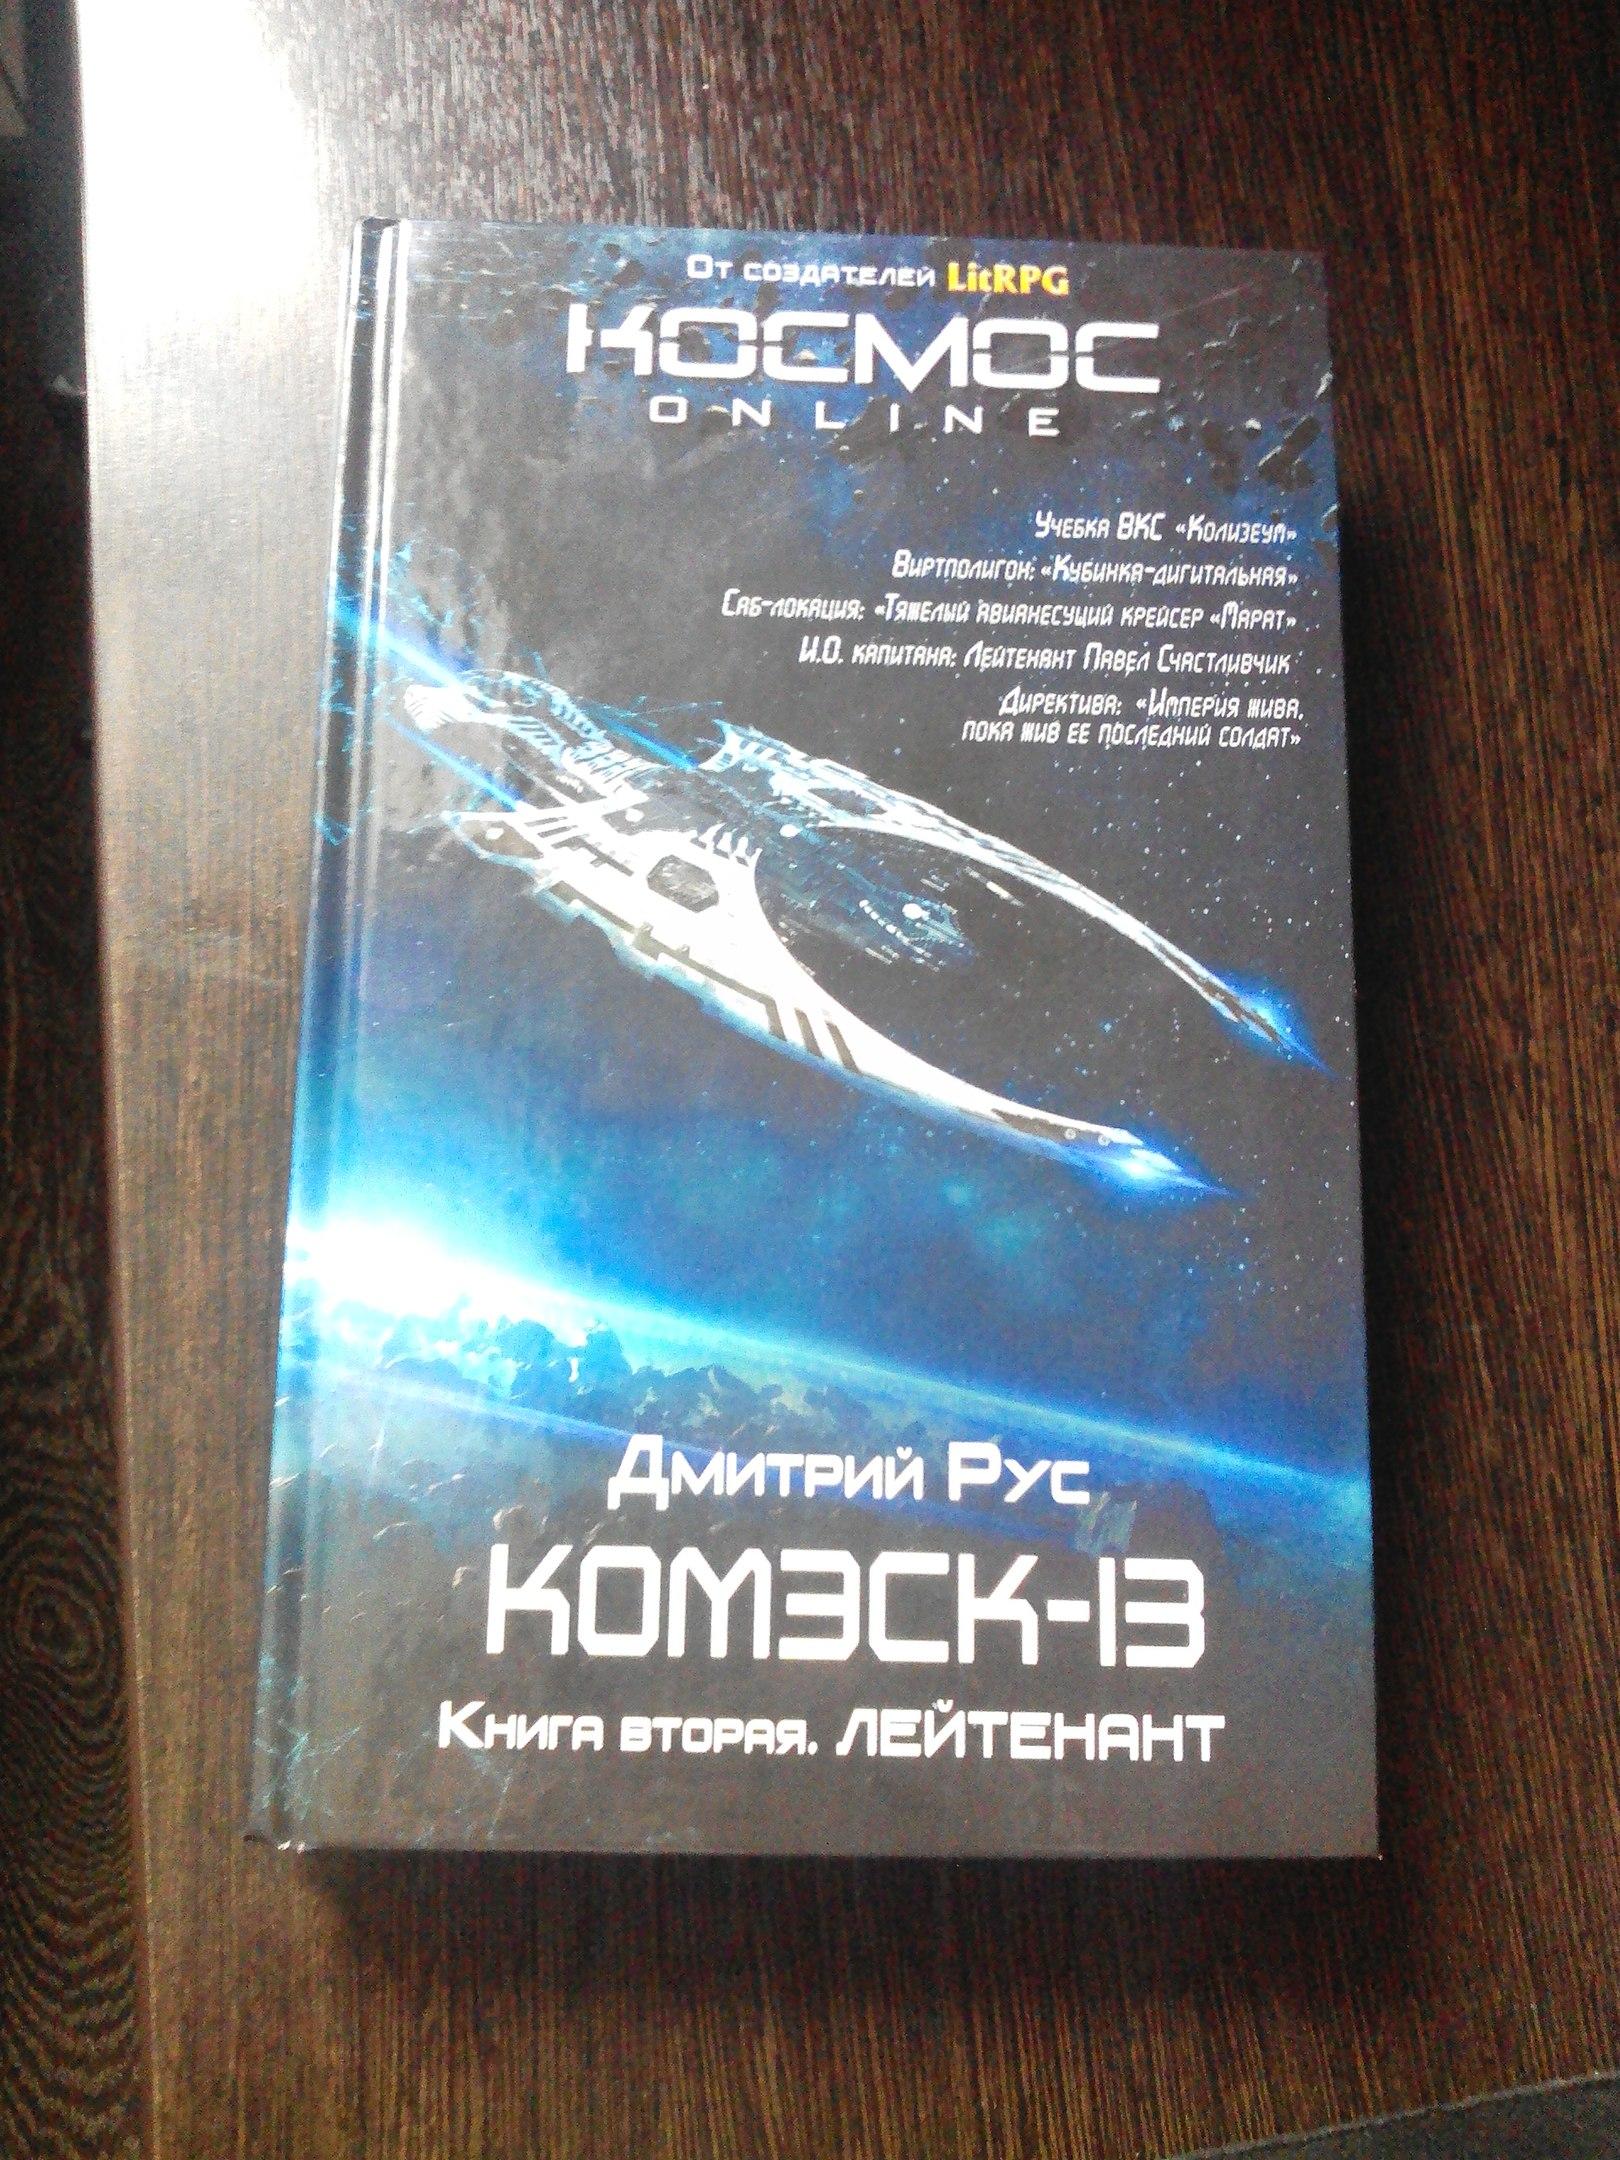 ДМИТРИЙ РУС КОМЭСК 13 КНИГА 2 ЛЕЙТЕНАНТ СКАЧАТЬ БЕСПЛАТНО